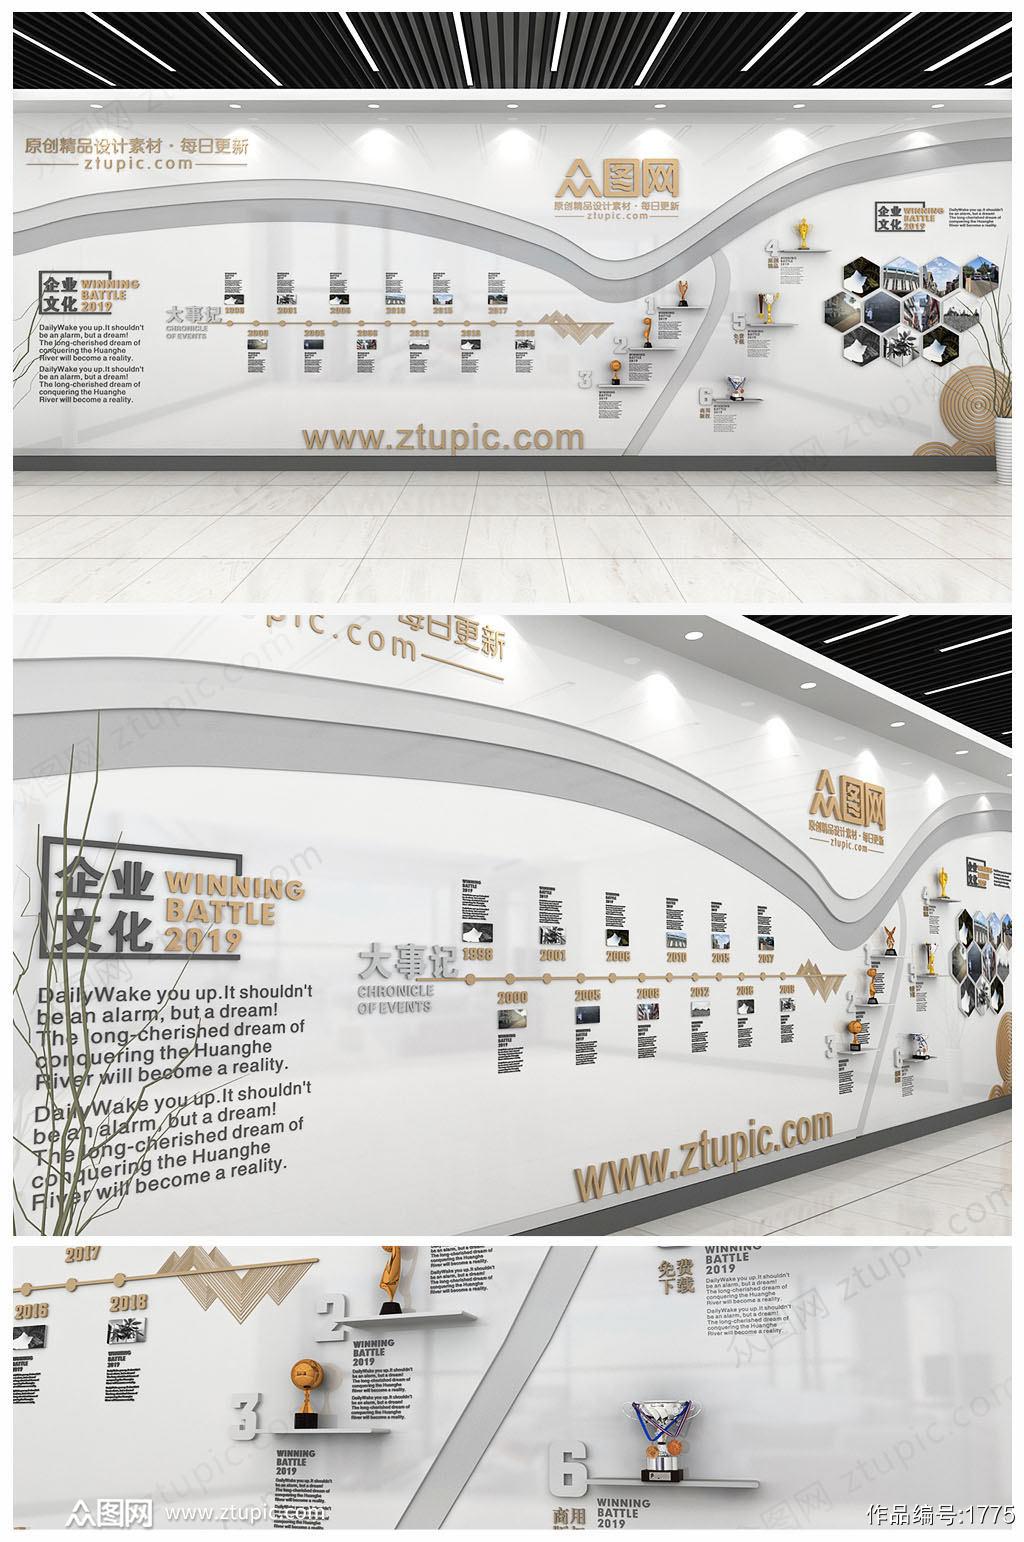 原创大型3D企业发展历程文化墙公司形象墙素材